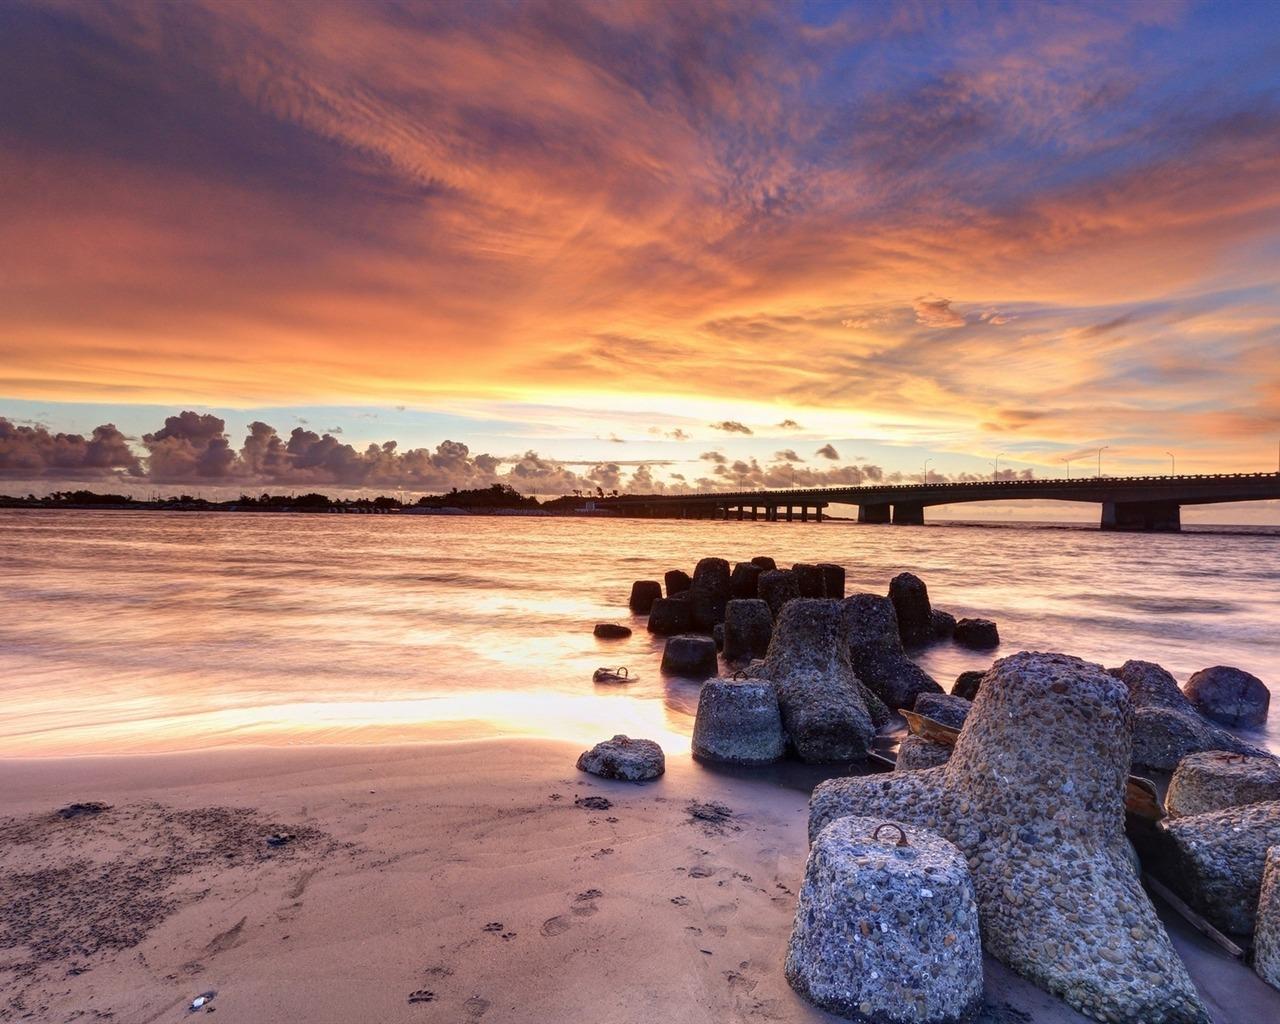 描述: 惊人的晚霞石桥-自然高清壁纸 当前壁纸尺寸: 1280 x 1024图片